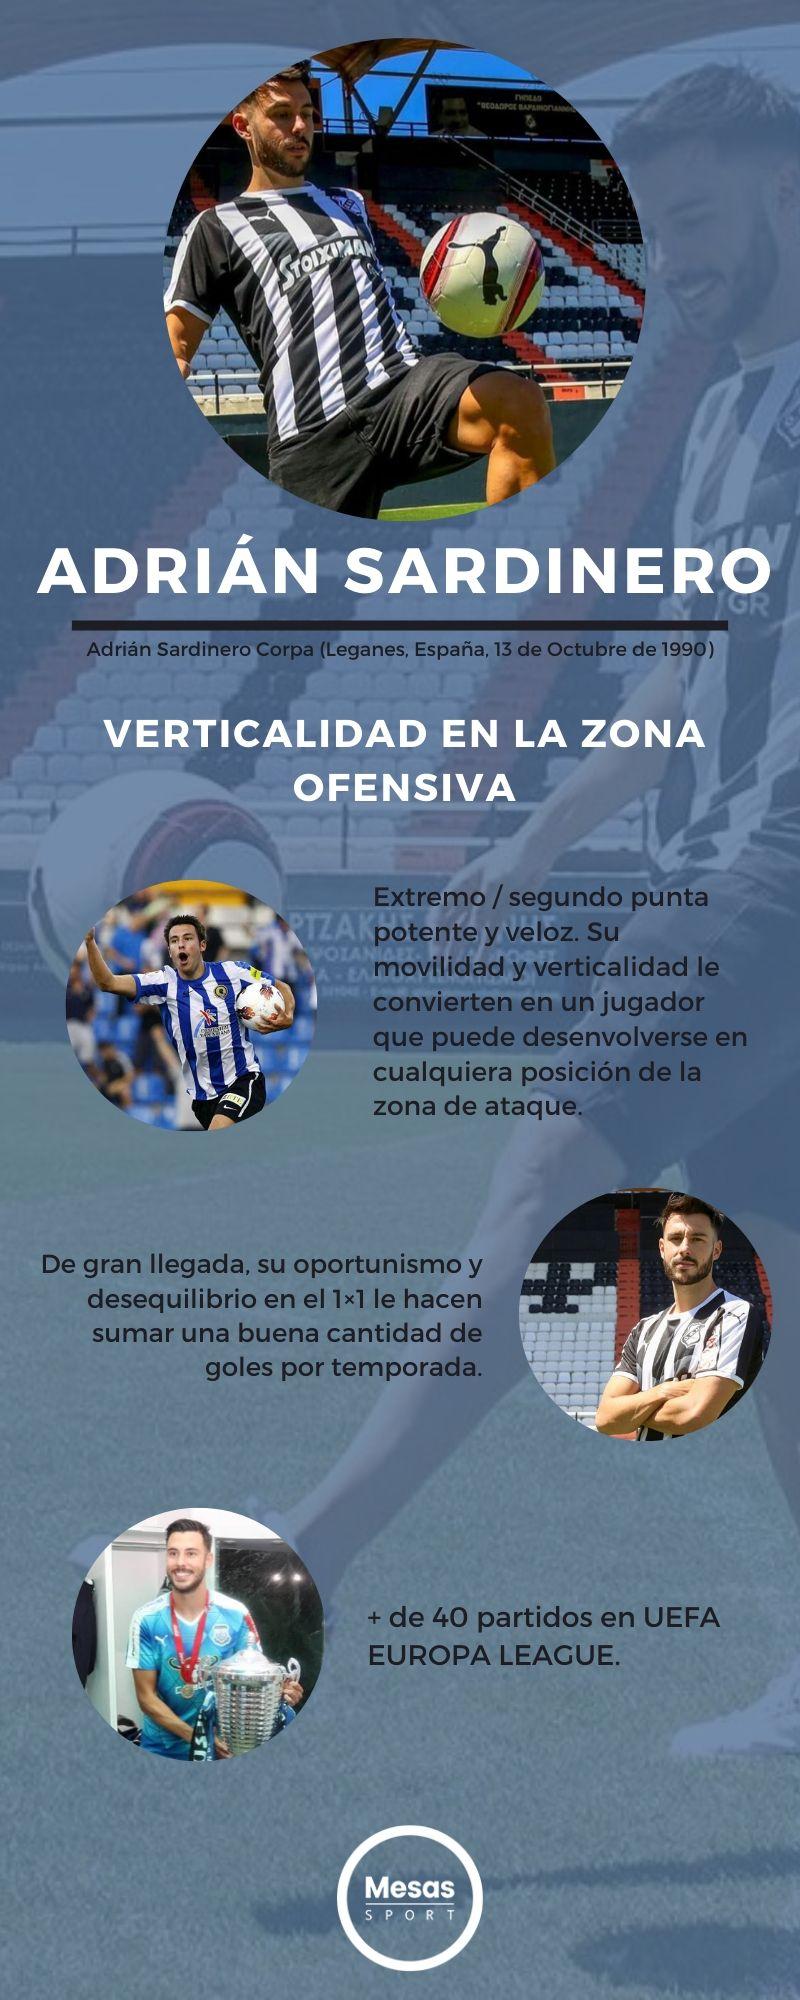 Imagen de la infografía de Adrián Sardinero